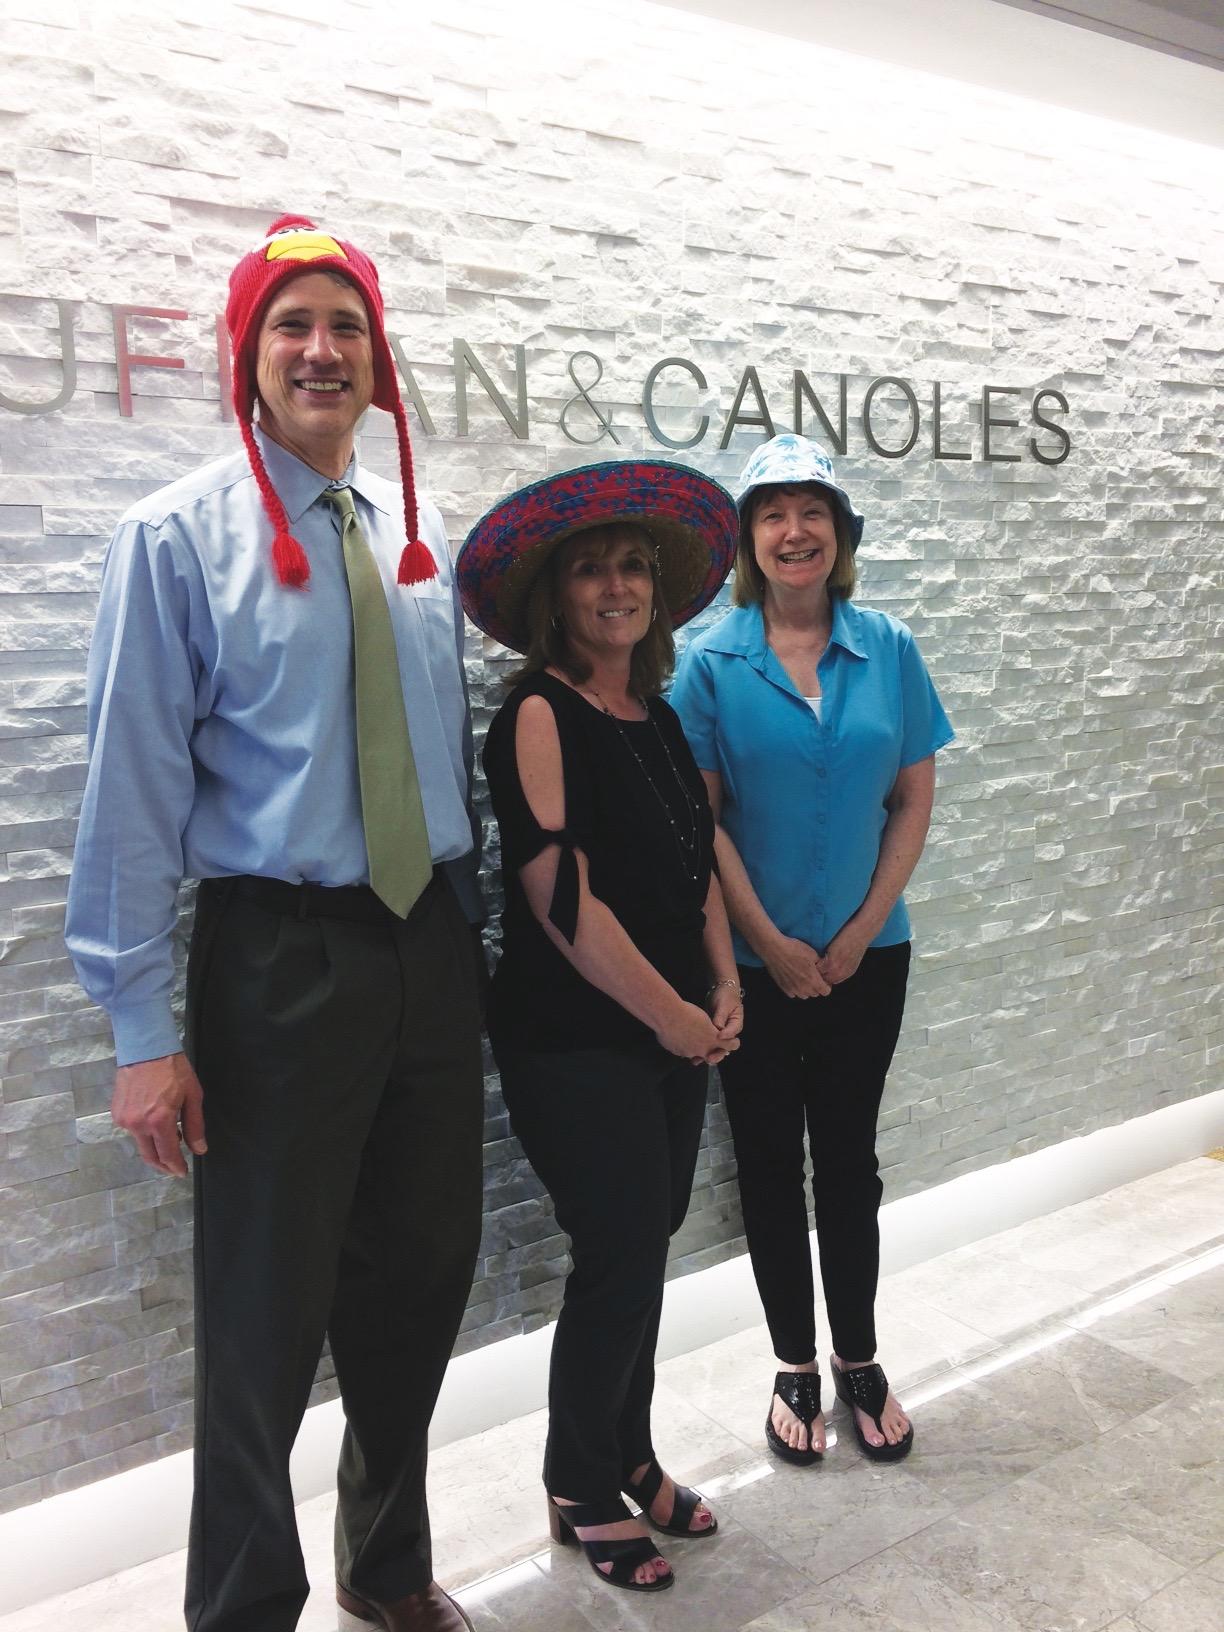 Kaufman & Canoles hats